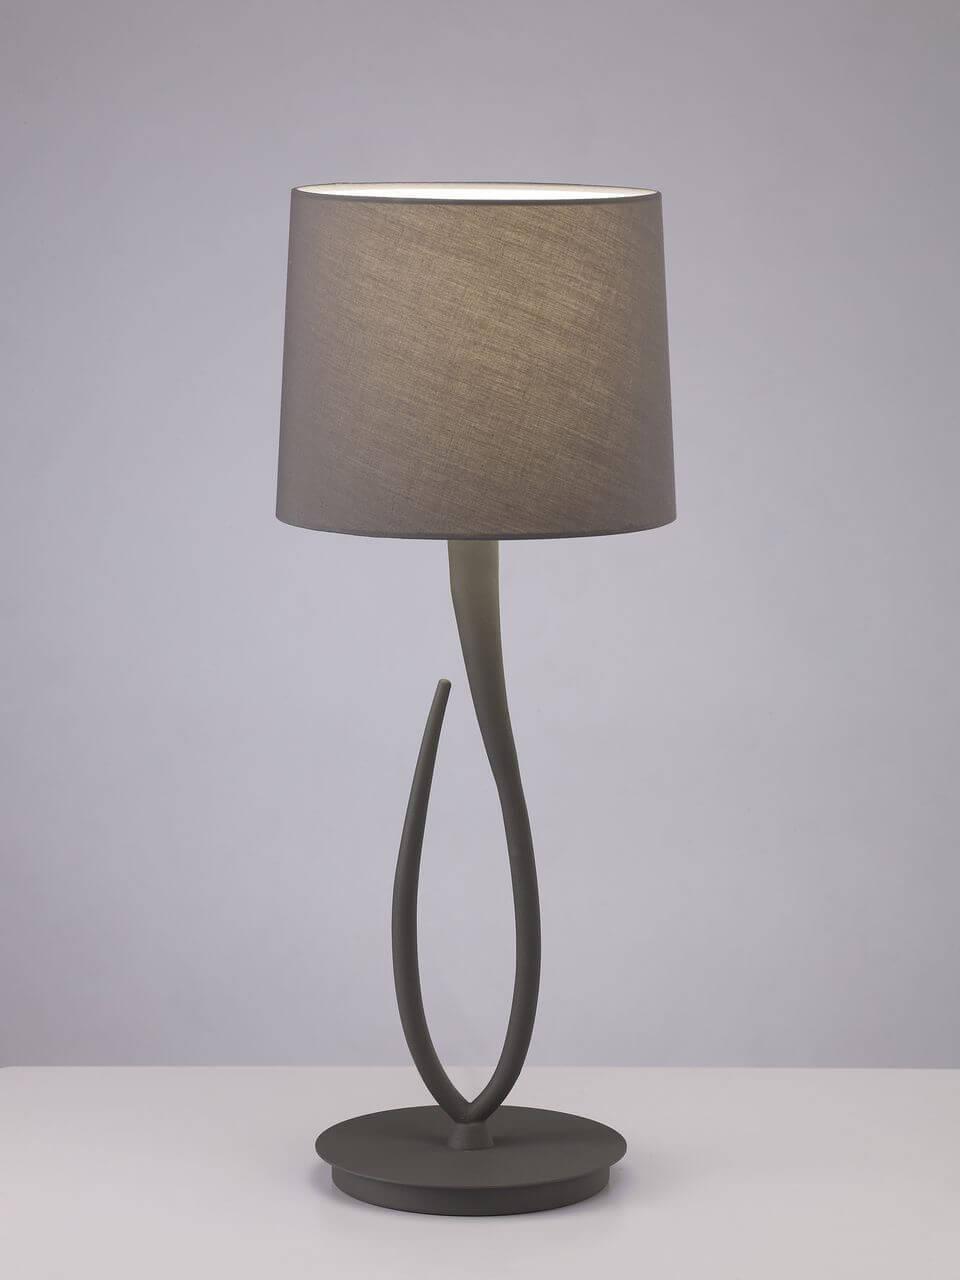 Настольный светильник Mantra 3688, E27, 13 Вт настольная лампа mantra lua 3688